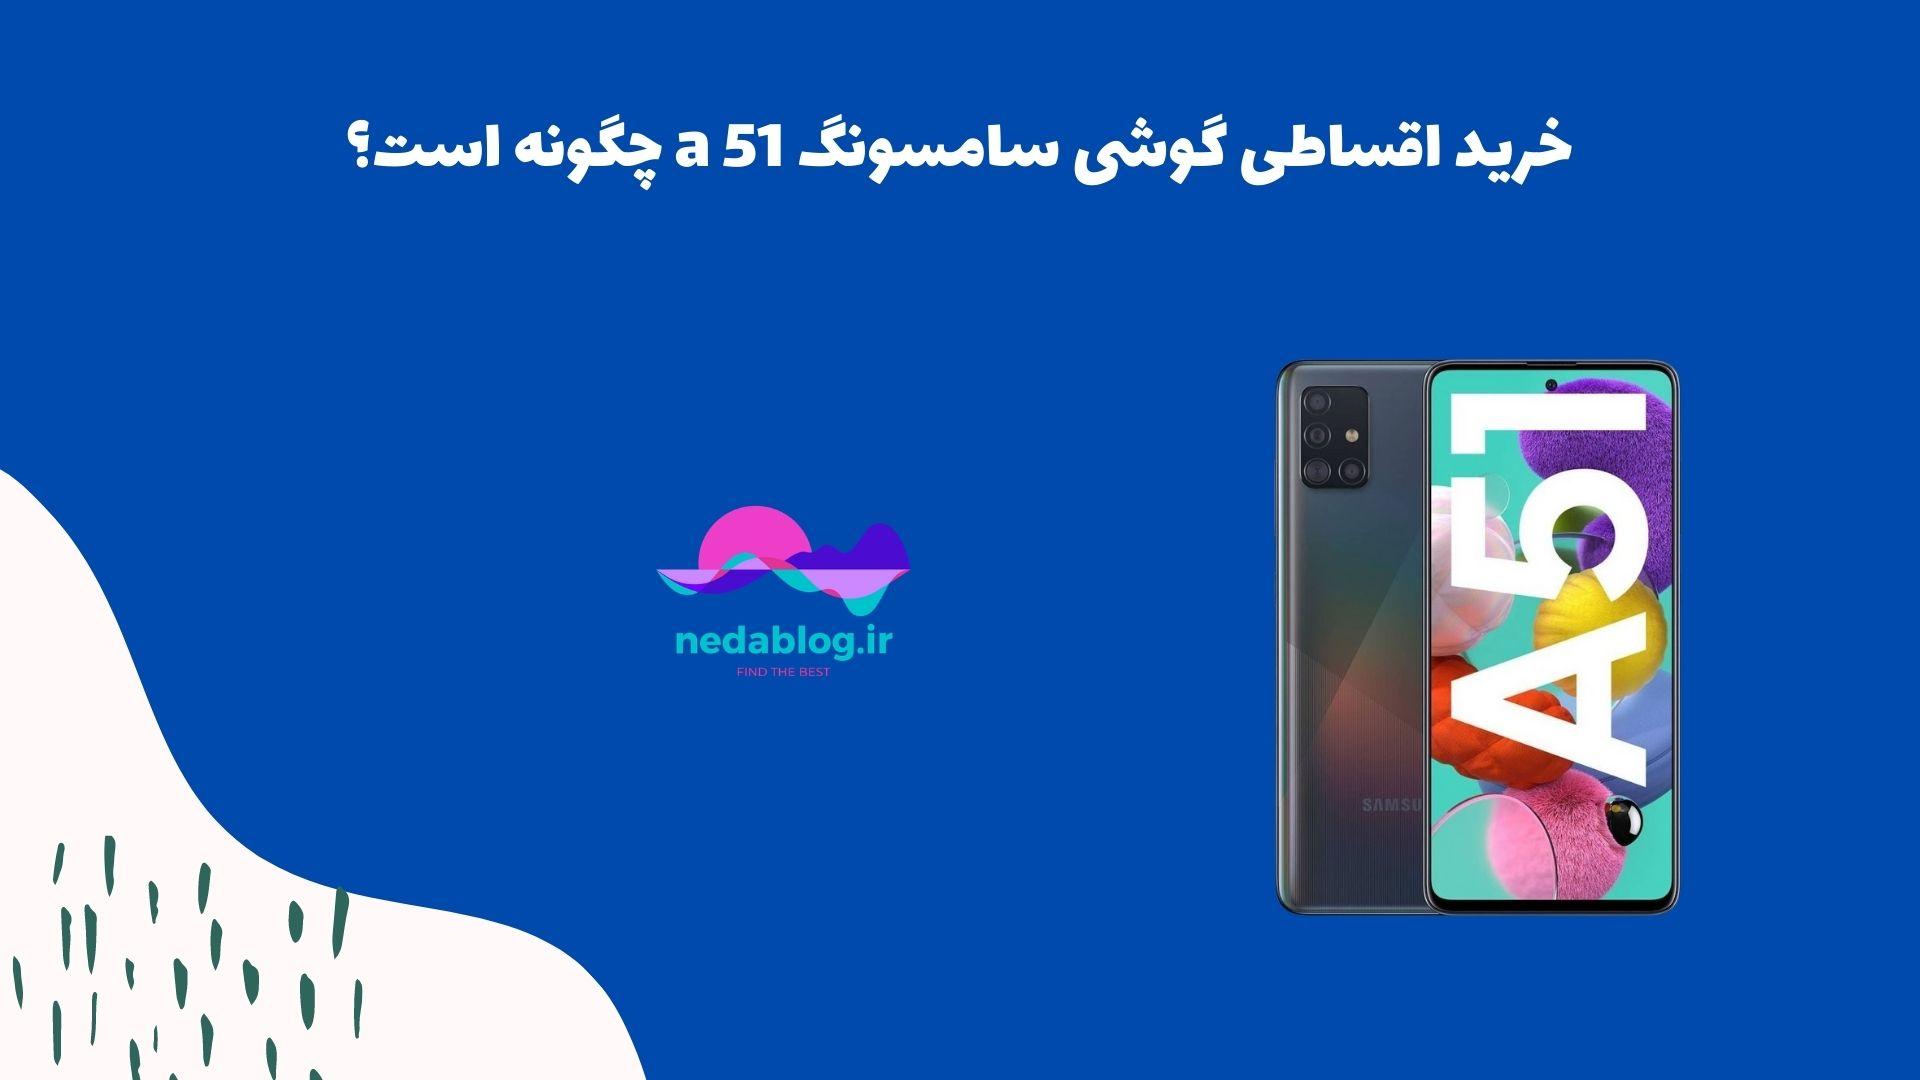 خرید اقساطی گوشی سامسونگ a51 چگونه است؟